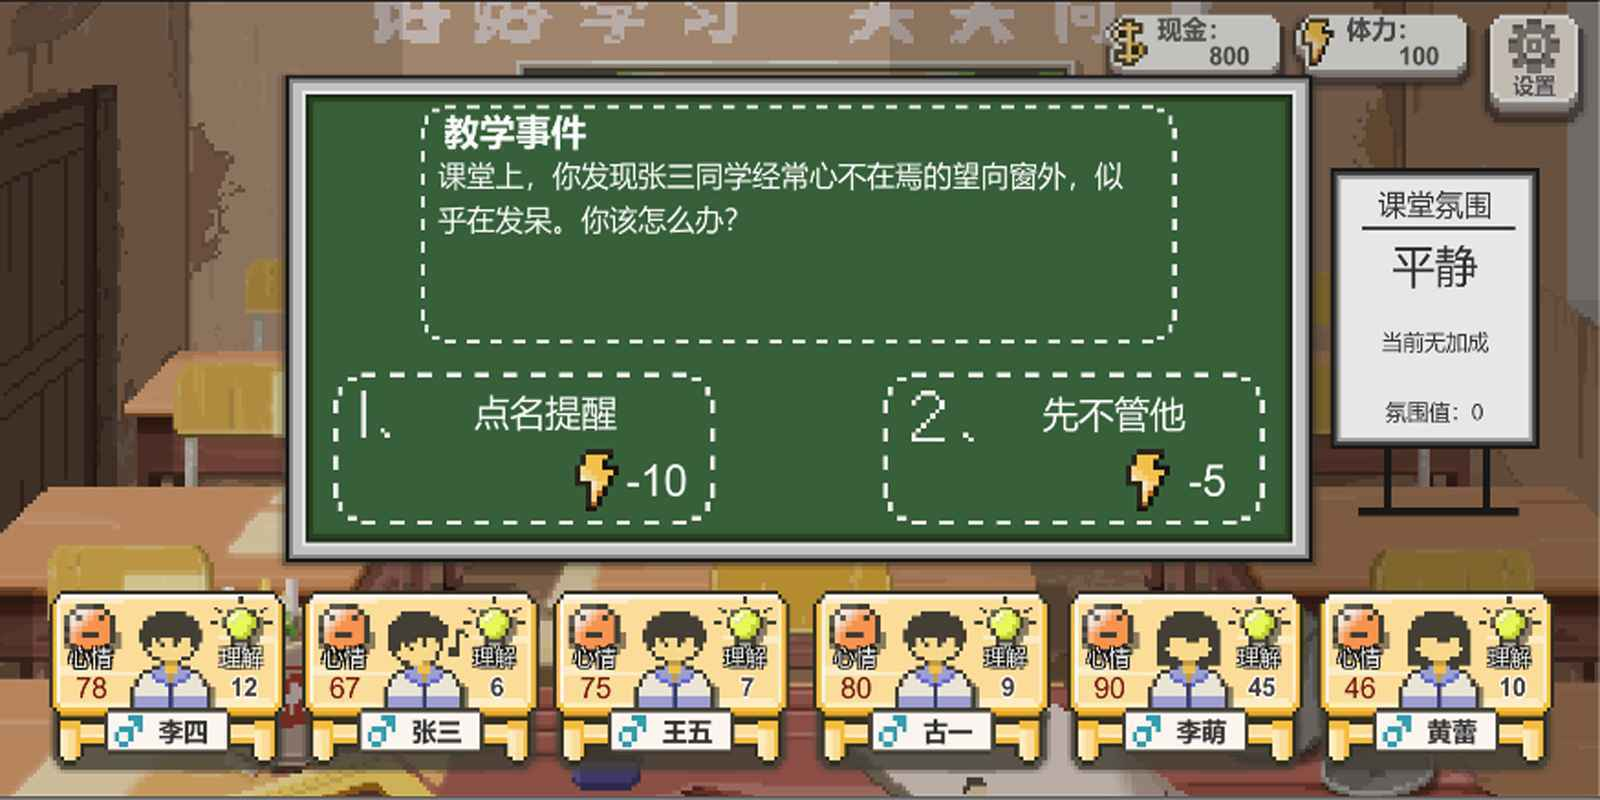 乡村老师图8